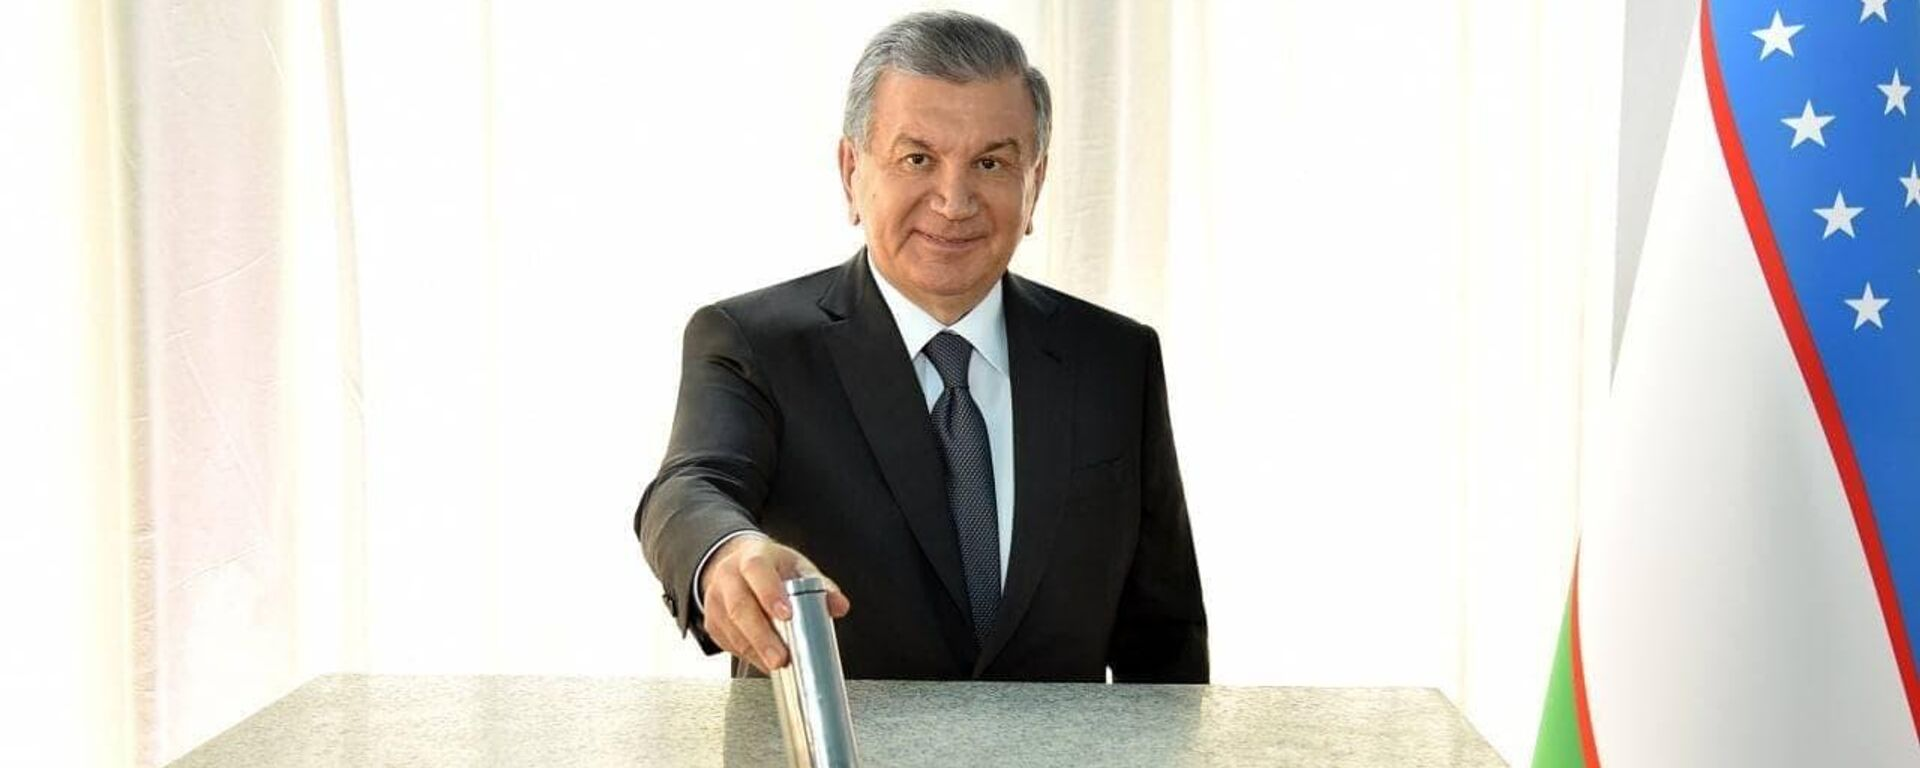 Президент Узбекистана Шавкат Мирзиёев дал старт строительству солнечной фотоэлектрической станции в Шерабадском районе Сурхандарьинской области - Sputnik Узбекистан, 1920, 01.06.2021